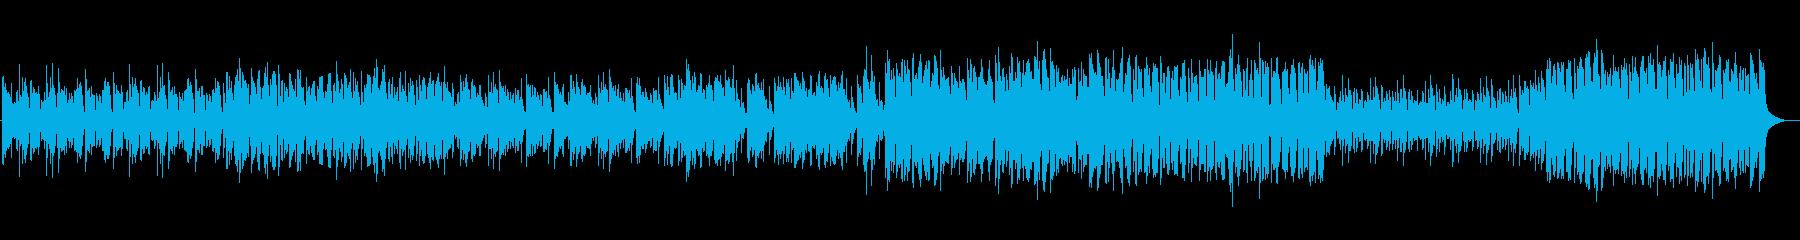 ゲーム/遺跡/ダンジョン/不思議/五拍子の再生済みの波形